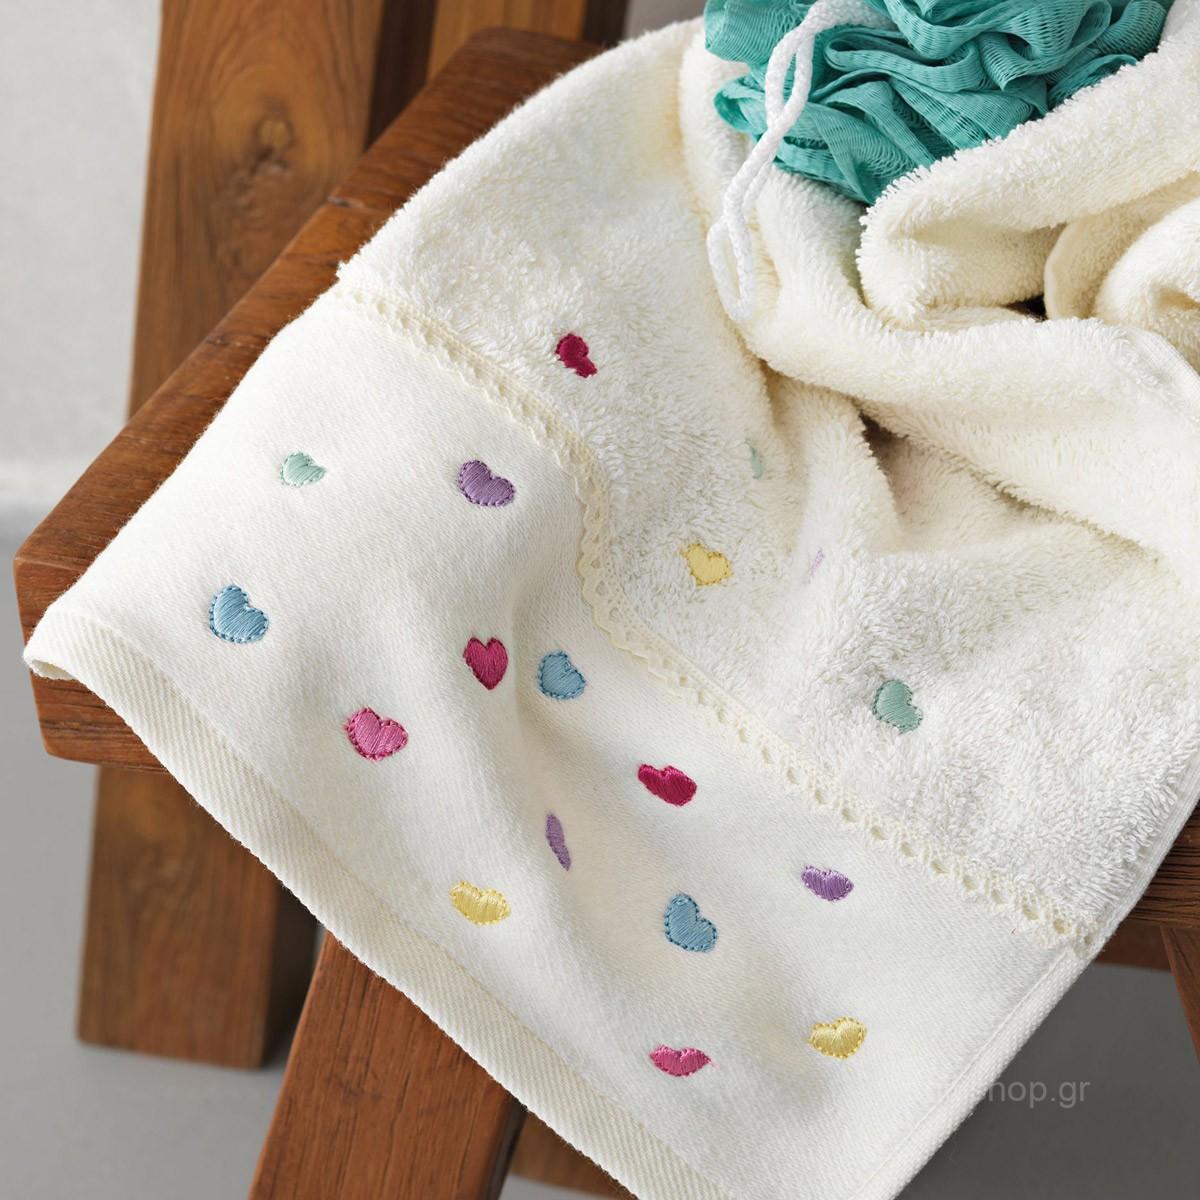 Πετσέτες Μπάνιου (Σετ 3τμχ) Palamaiki Sophie home   παιδικά   πετσέτες παιδικές